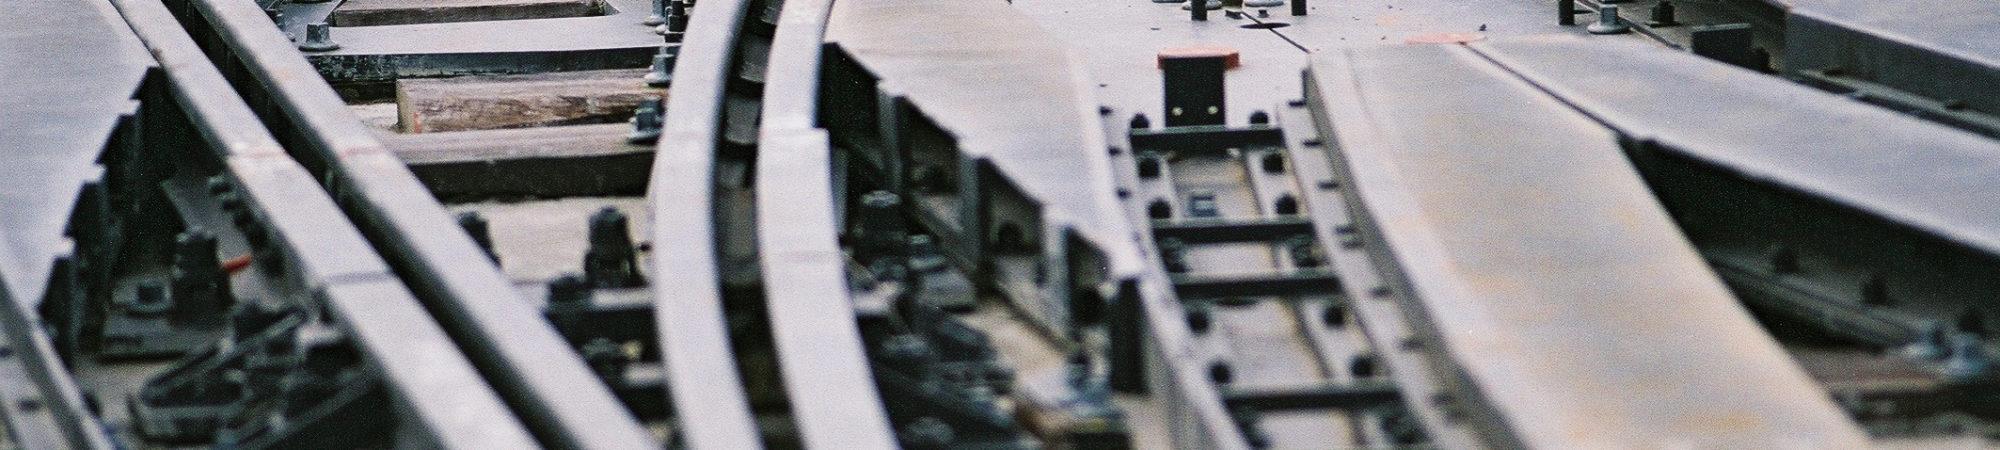 Situation au 31 Mars 2004 : Systeme : L'entreprise de pose de voie poursuit son installation sur le site du garage. On peut estimer la pose de voie a 60 metres. Les phases d'implantation et de topographie ont debute.